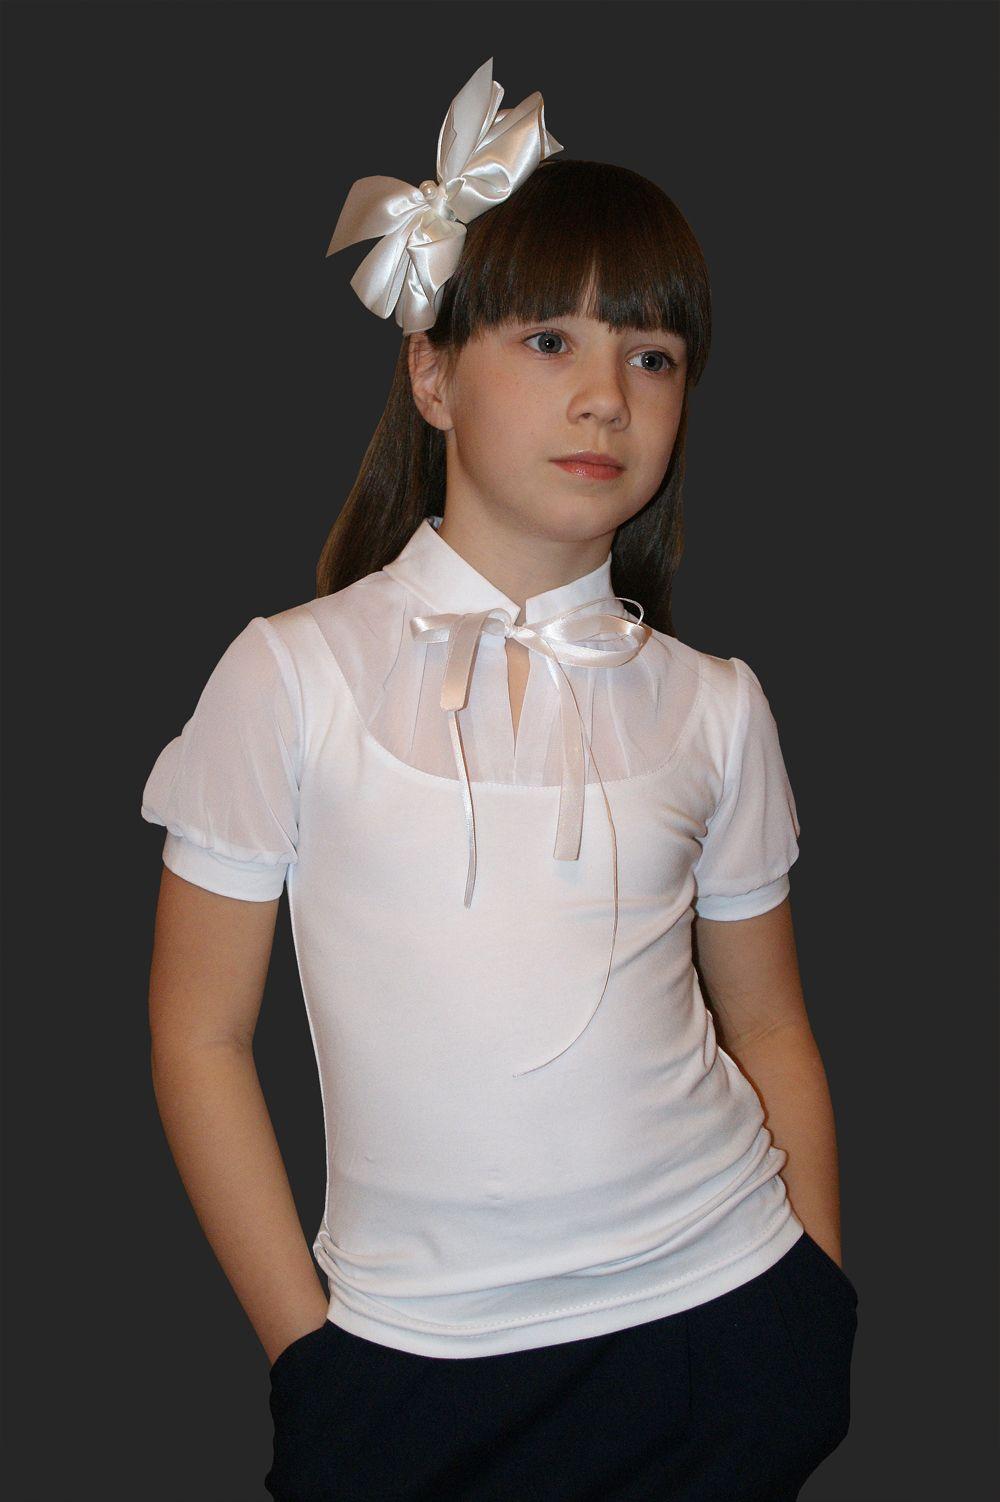 Сбор заказов-4. Нарядные школьные блузки и водолазки без рядов. Одежда для мальчиков. Детская одежда, подчеркивающая индивидуальность ребенка от 3 до 12 лет